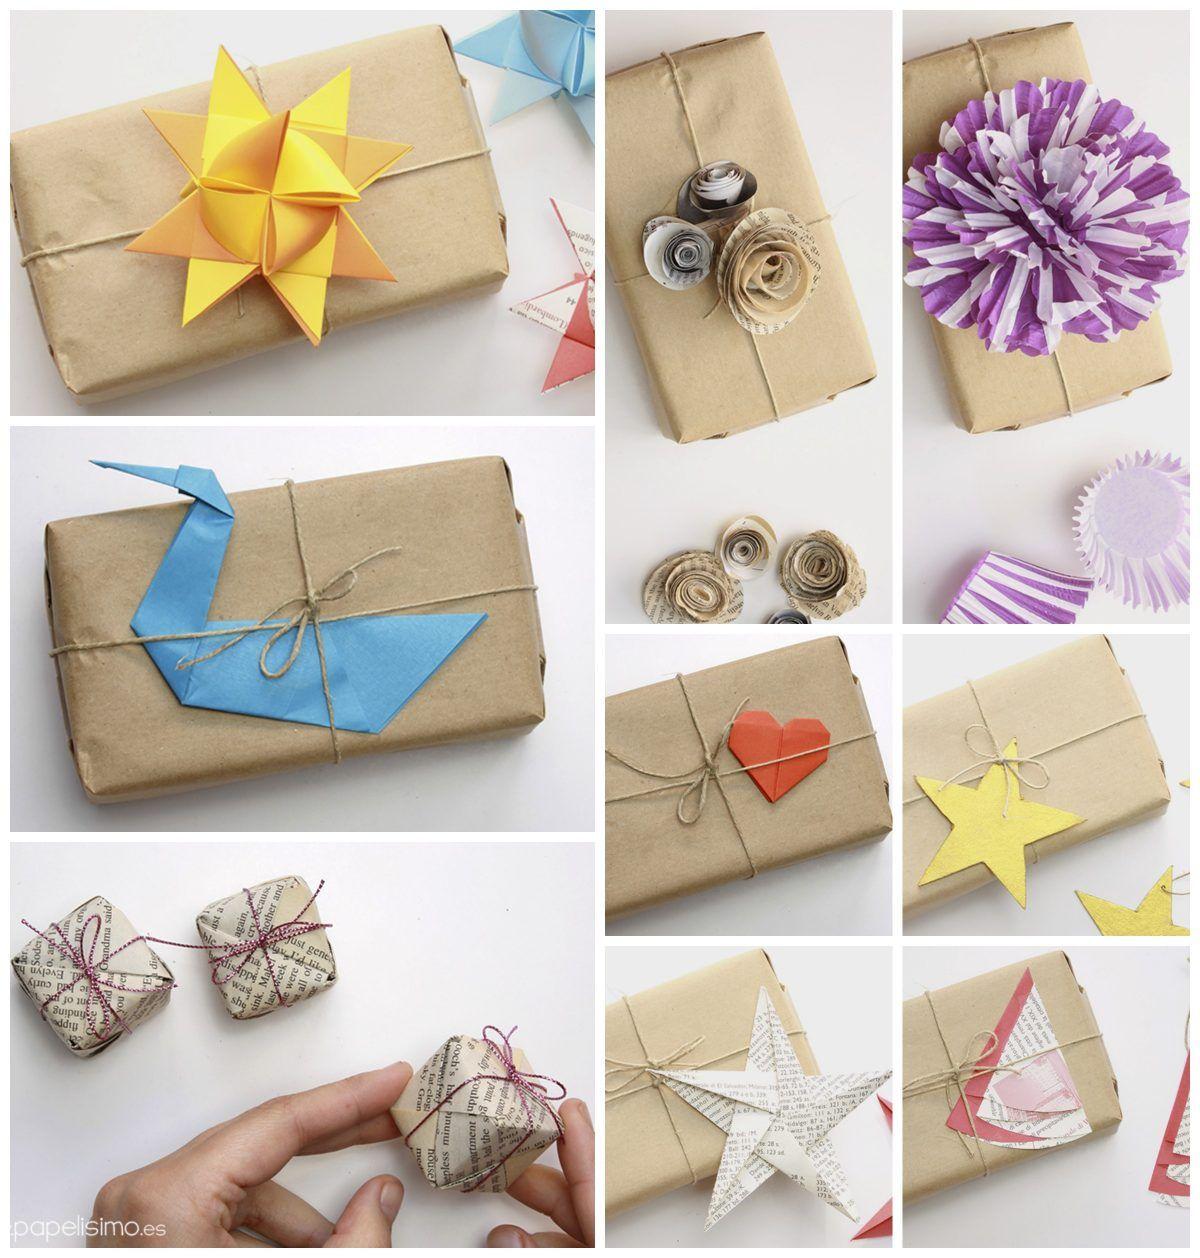 Envolver regalos originales con papel embalar craft - Envolver regalos original ...